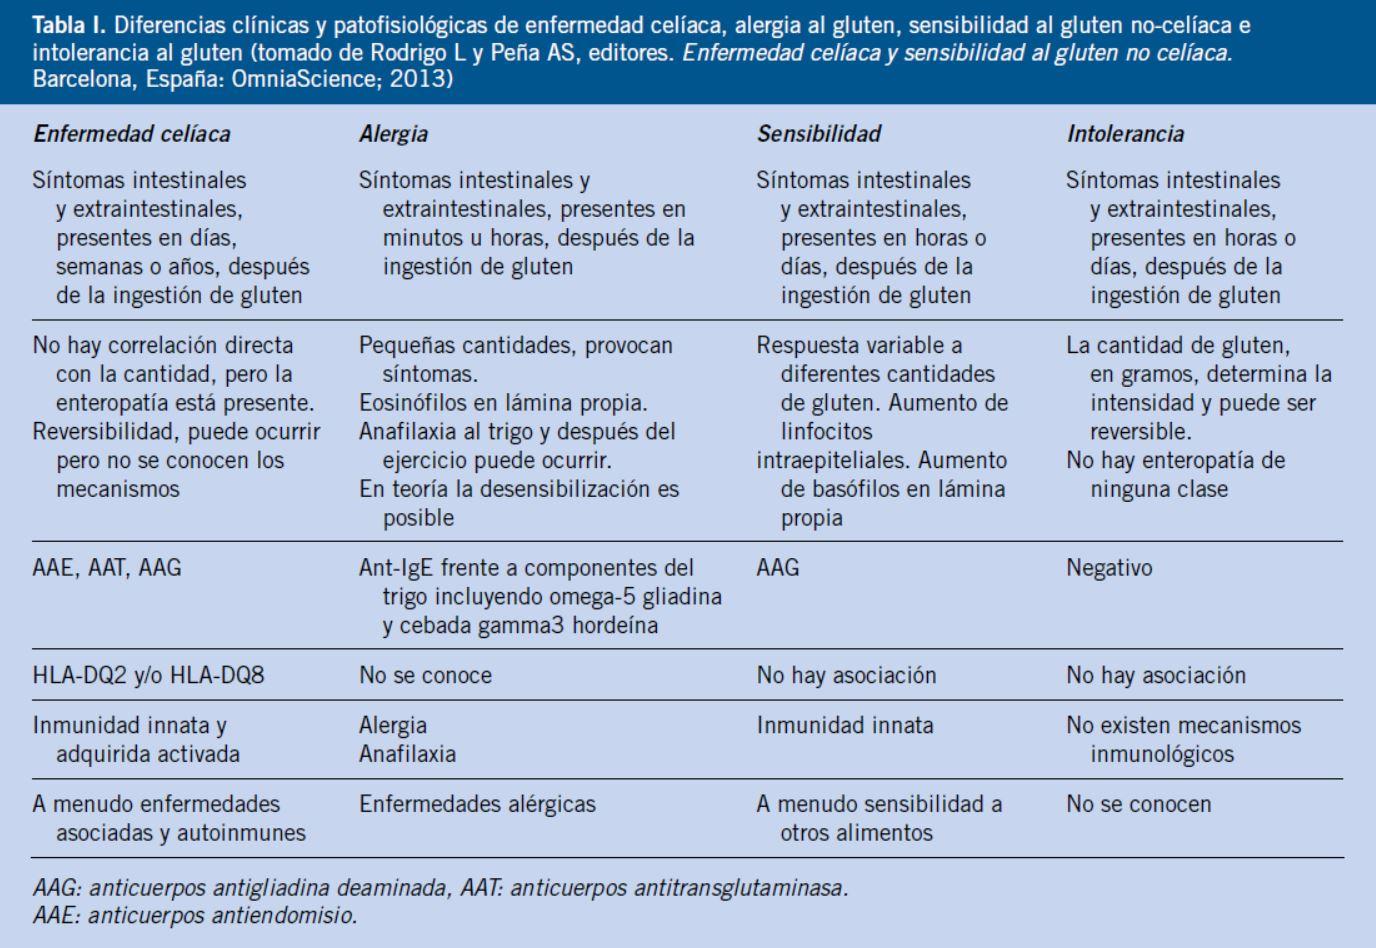 tratamiento de la diabetes hla dq2 dq8